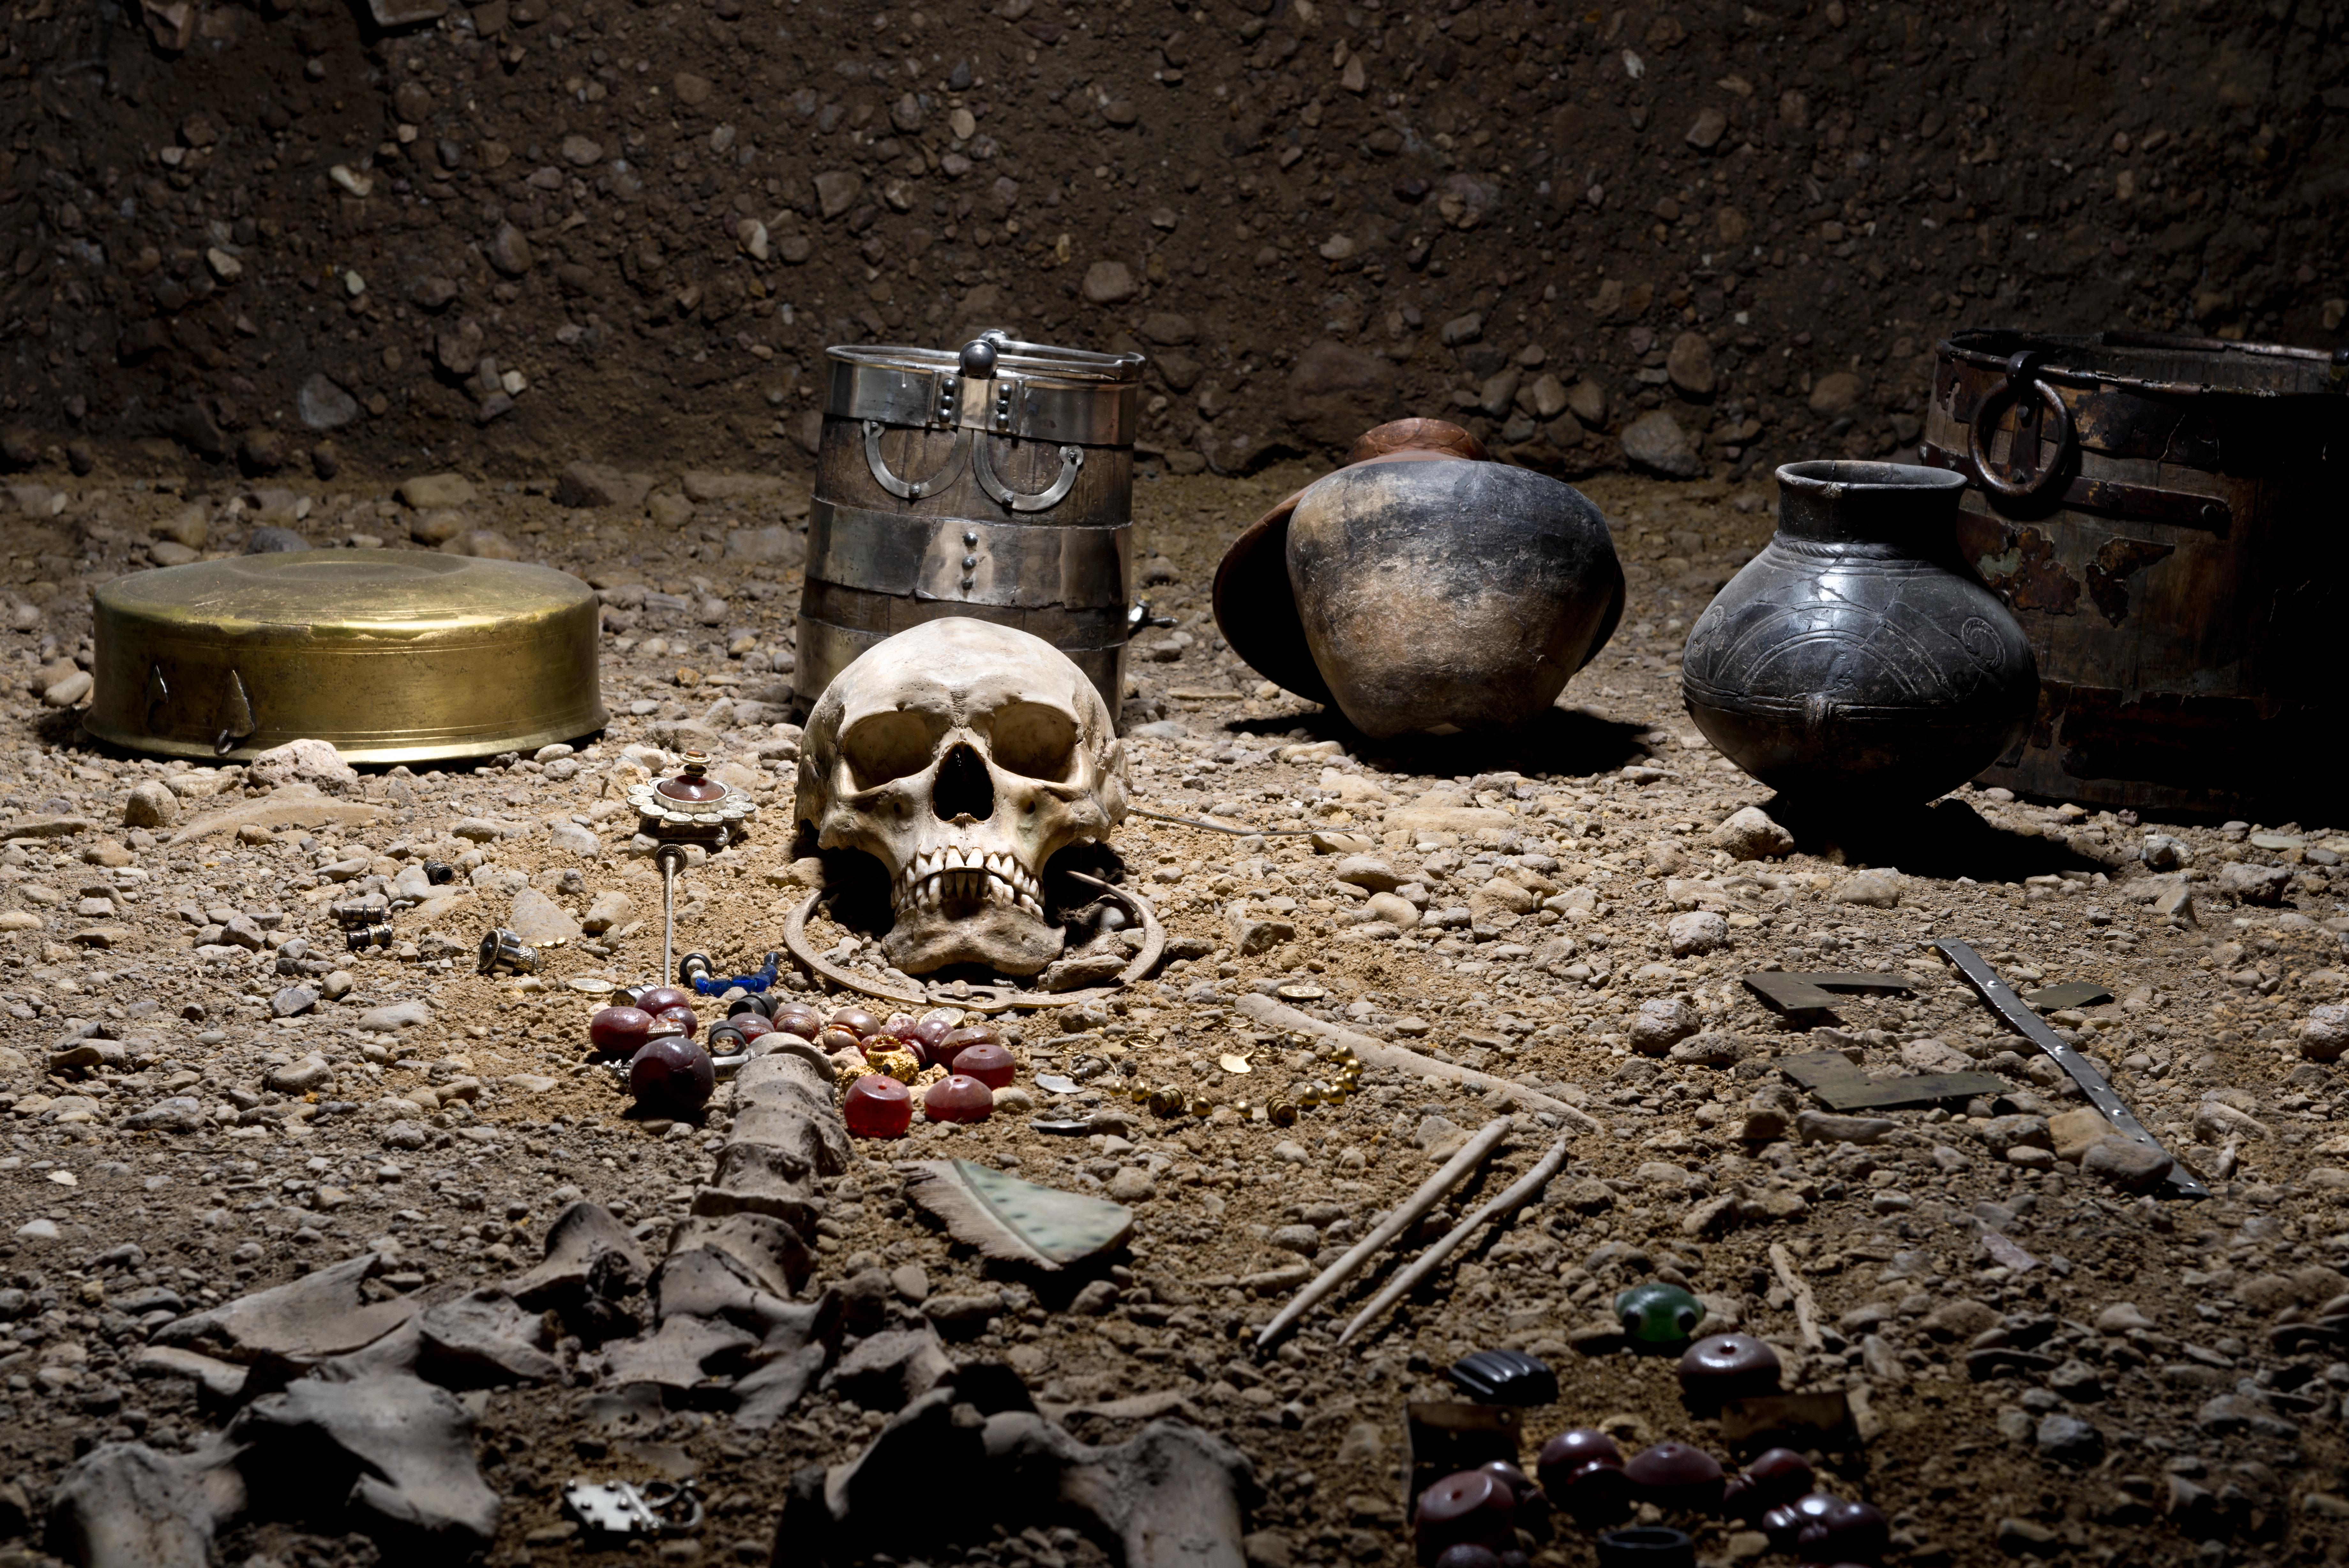 Skelett in Ausstellungsvitrine, umgeben von Gefäßen und Schmuckgegenständen